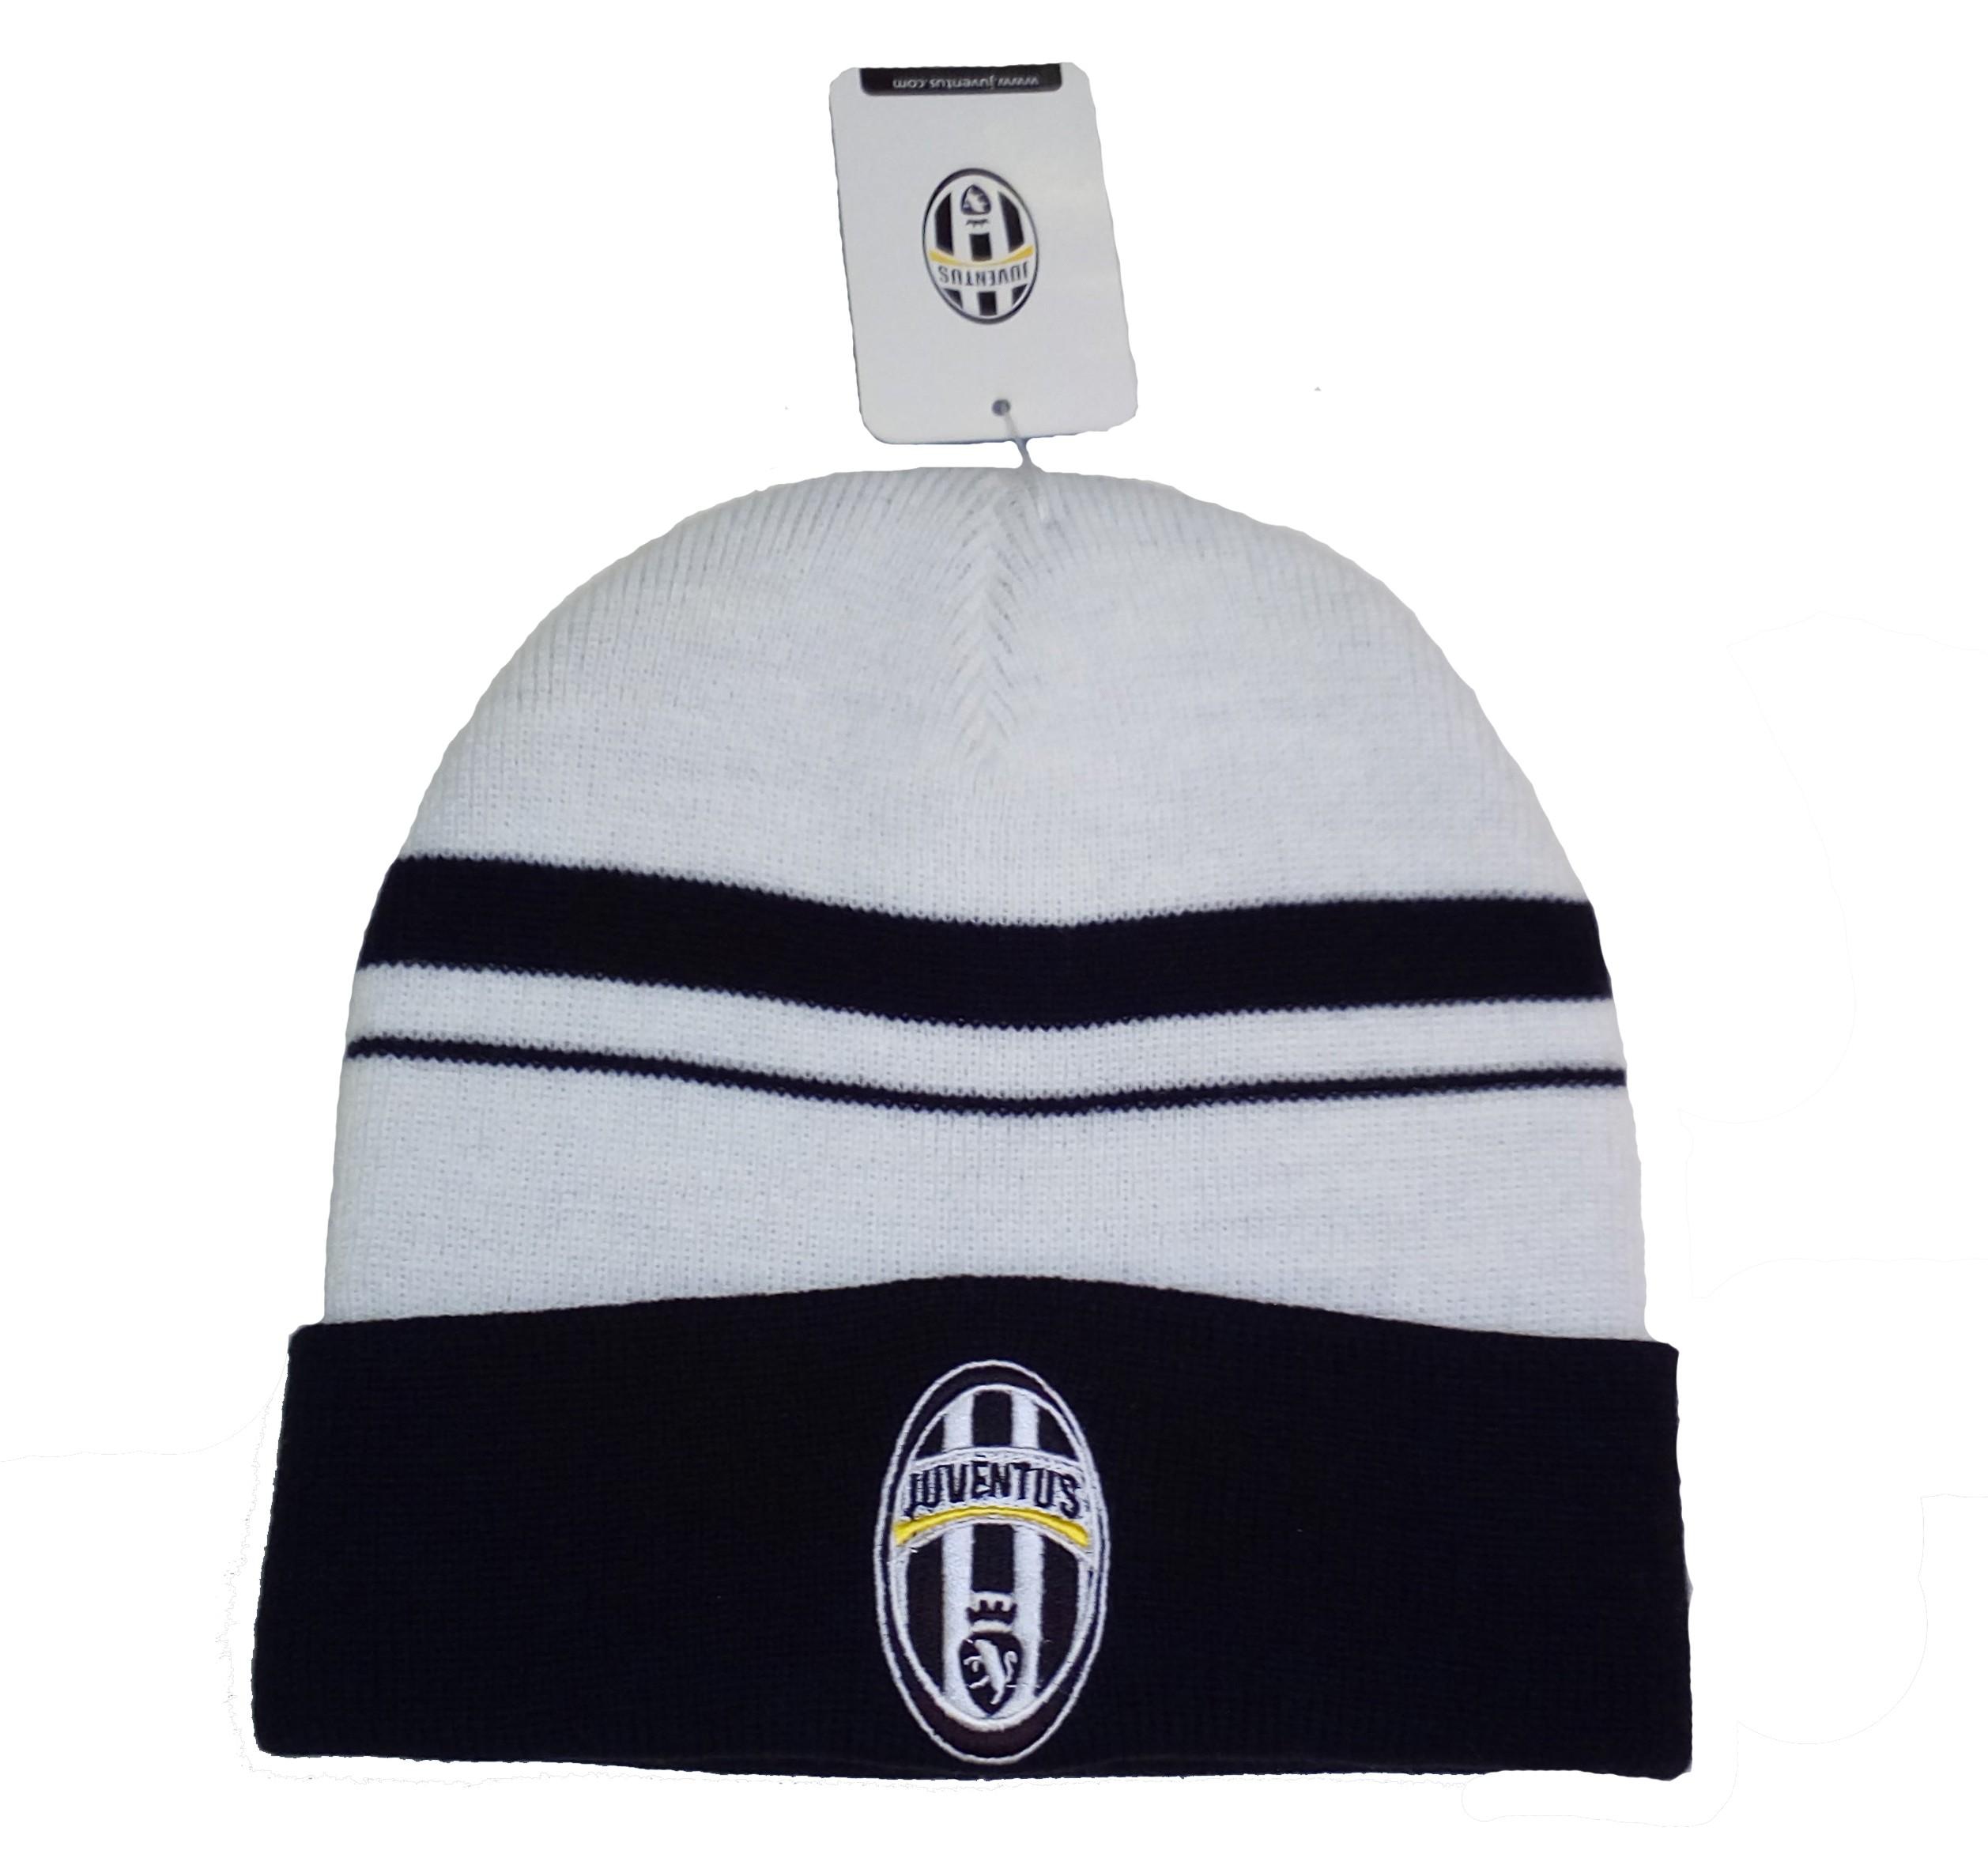 Juventus cap beanie official logo 625b984bd06d